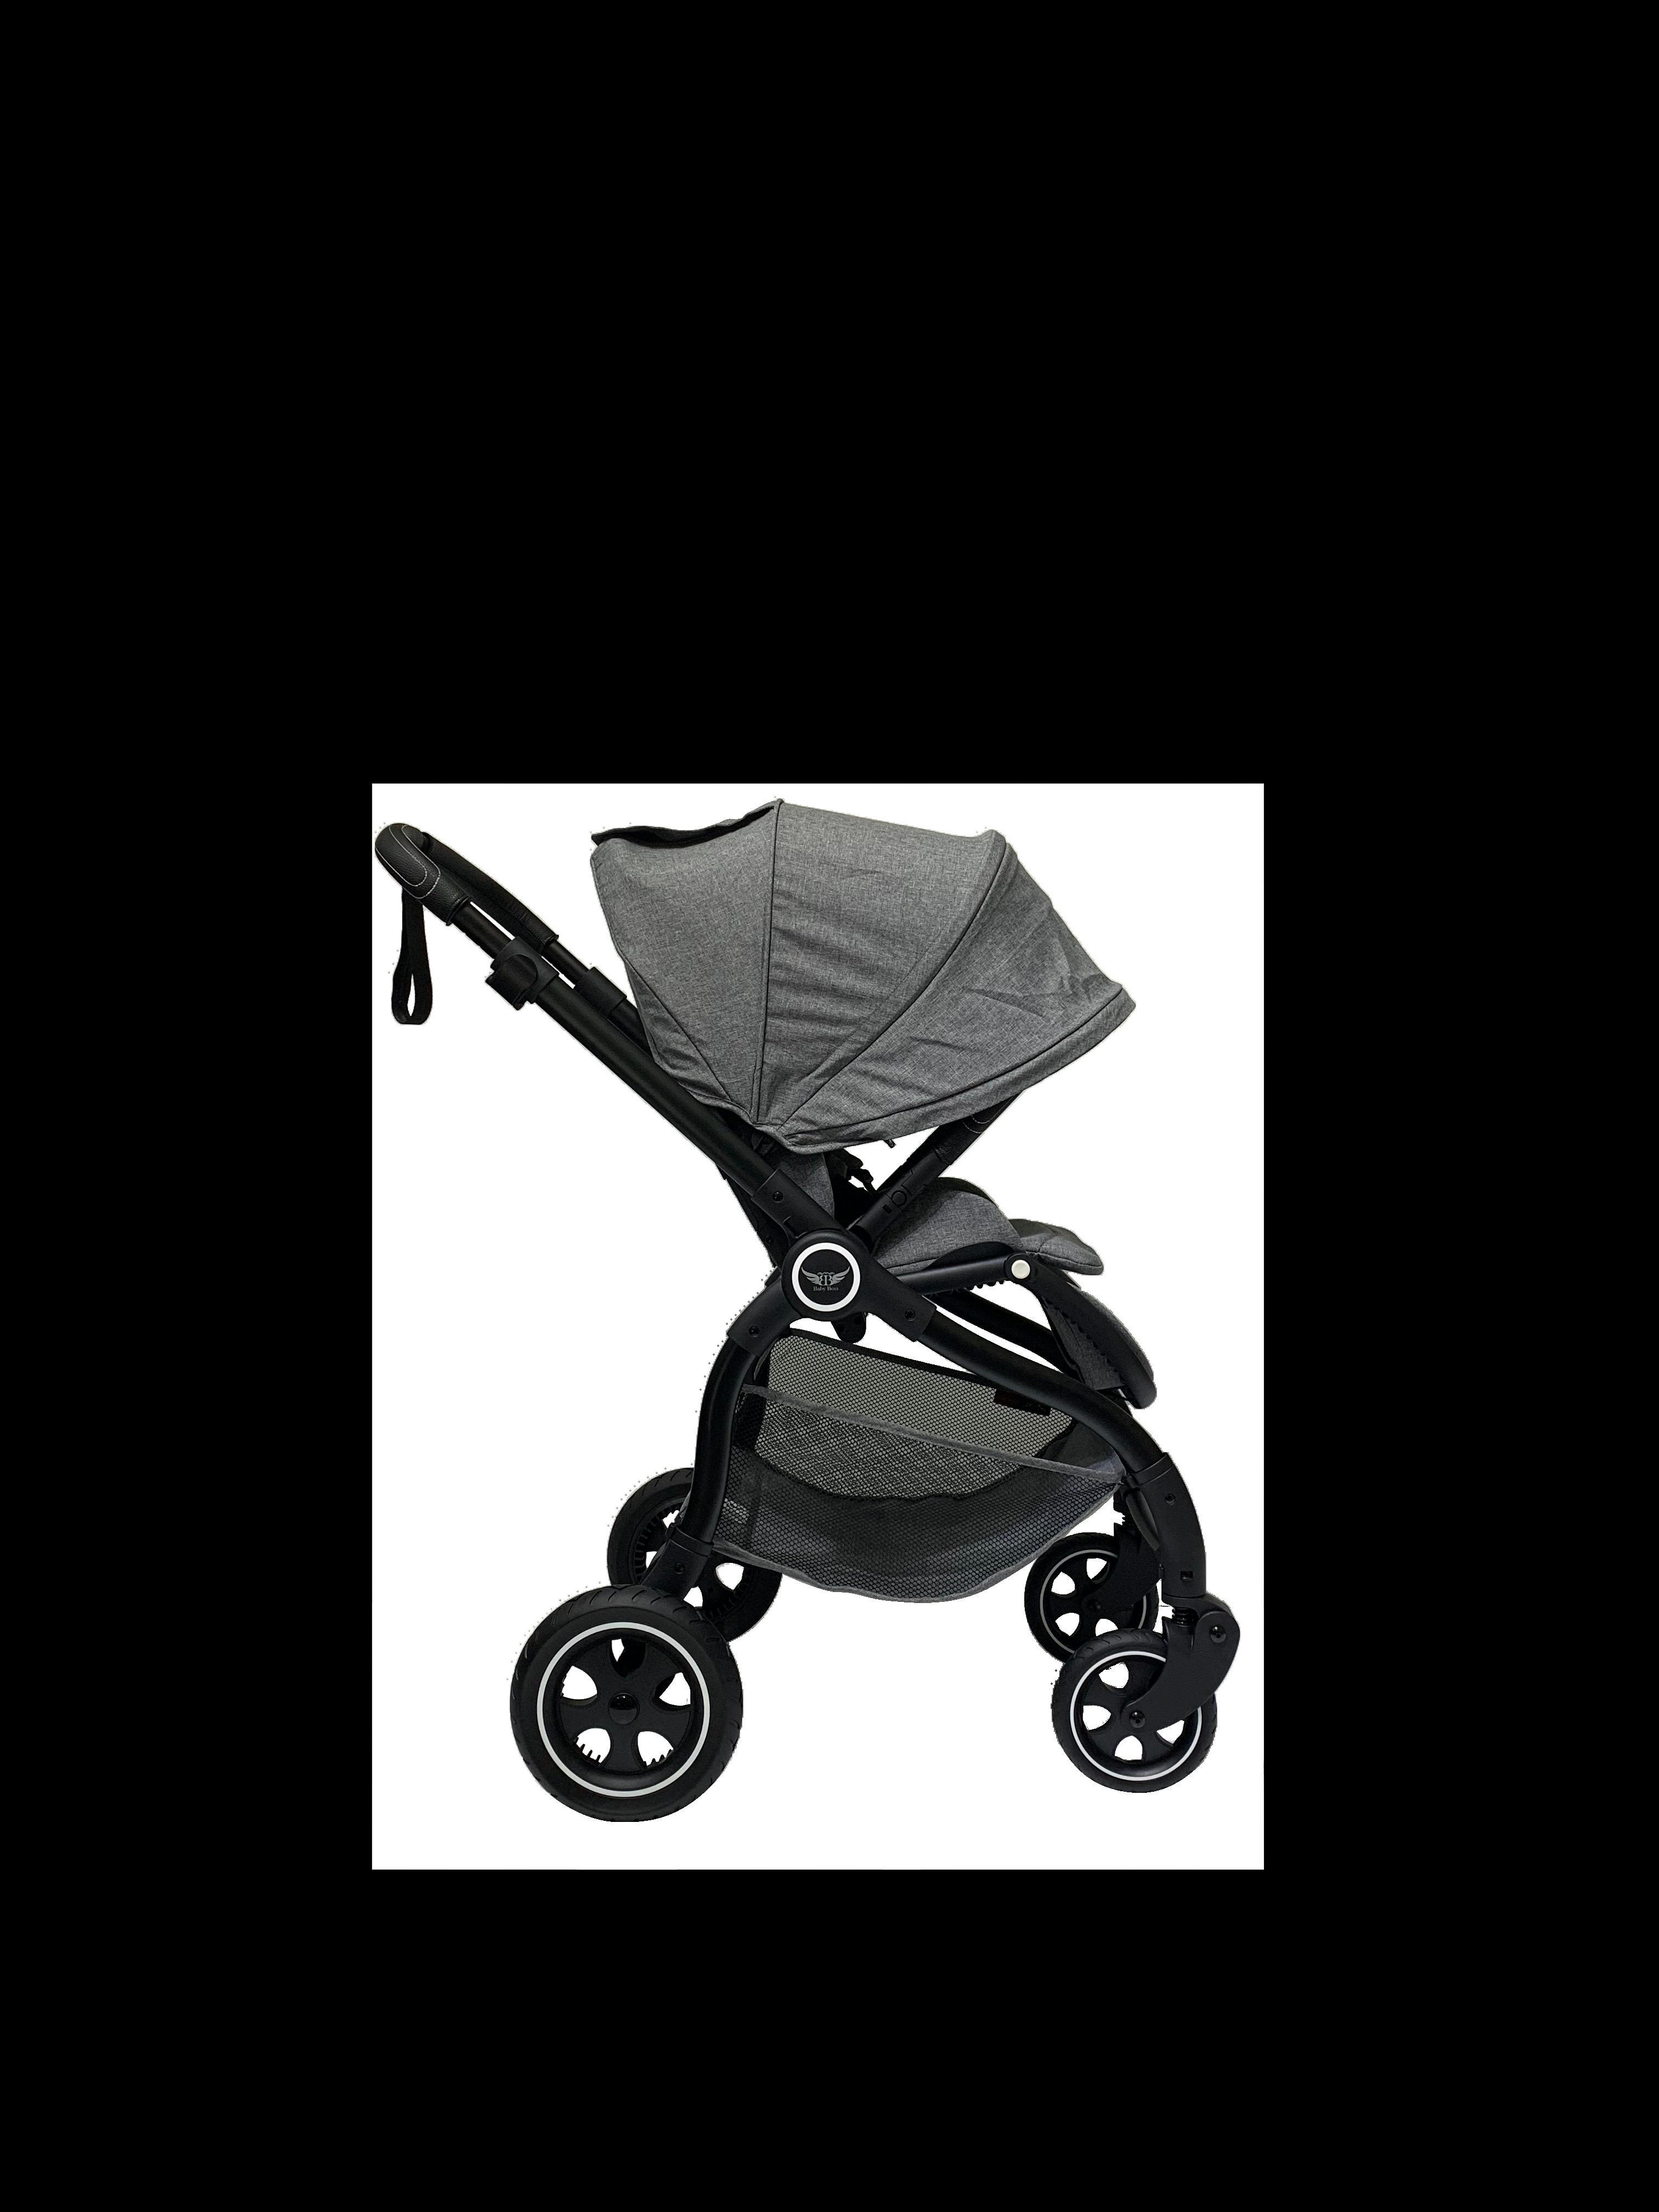 טייגר 2 צבע אפור שלדה שחורה